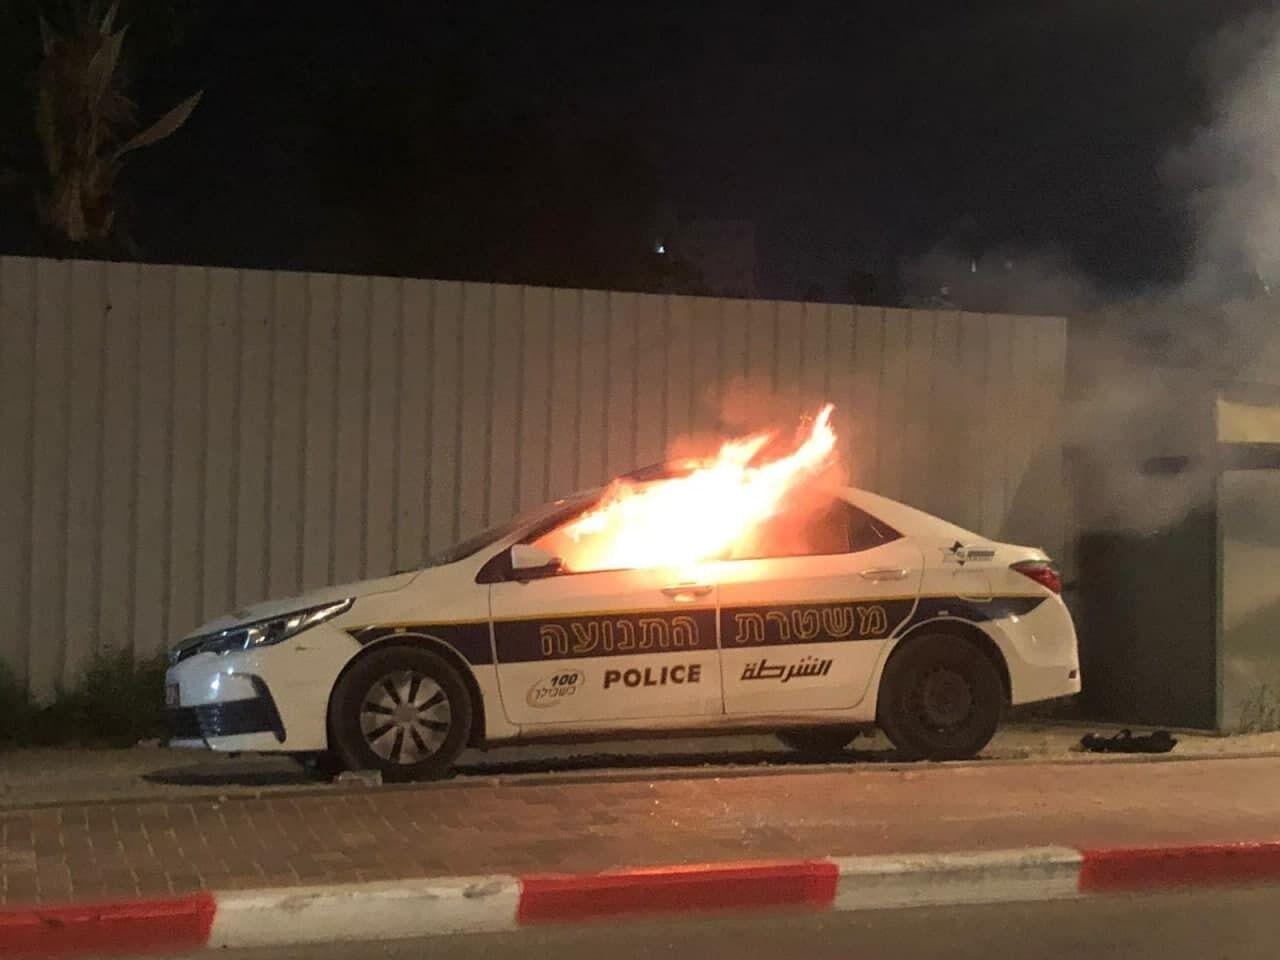 У місті Лод підпалили авто поліції.